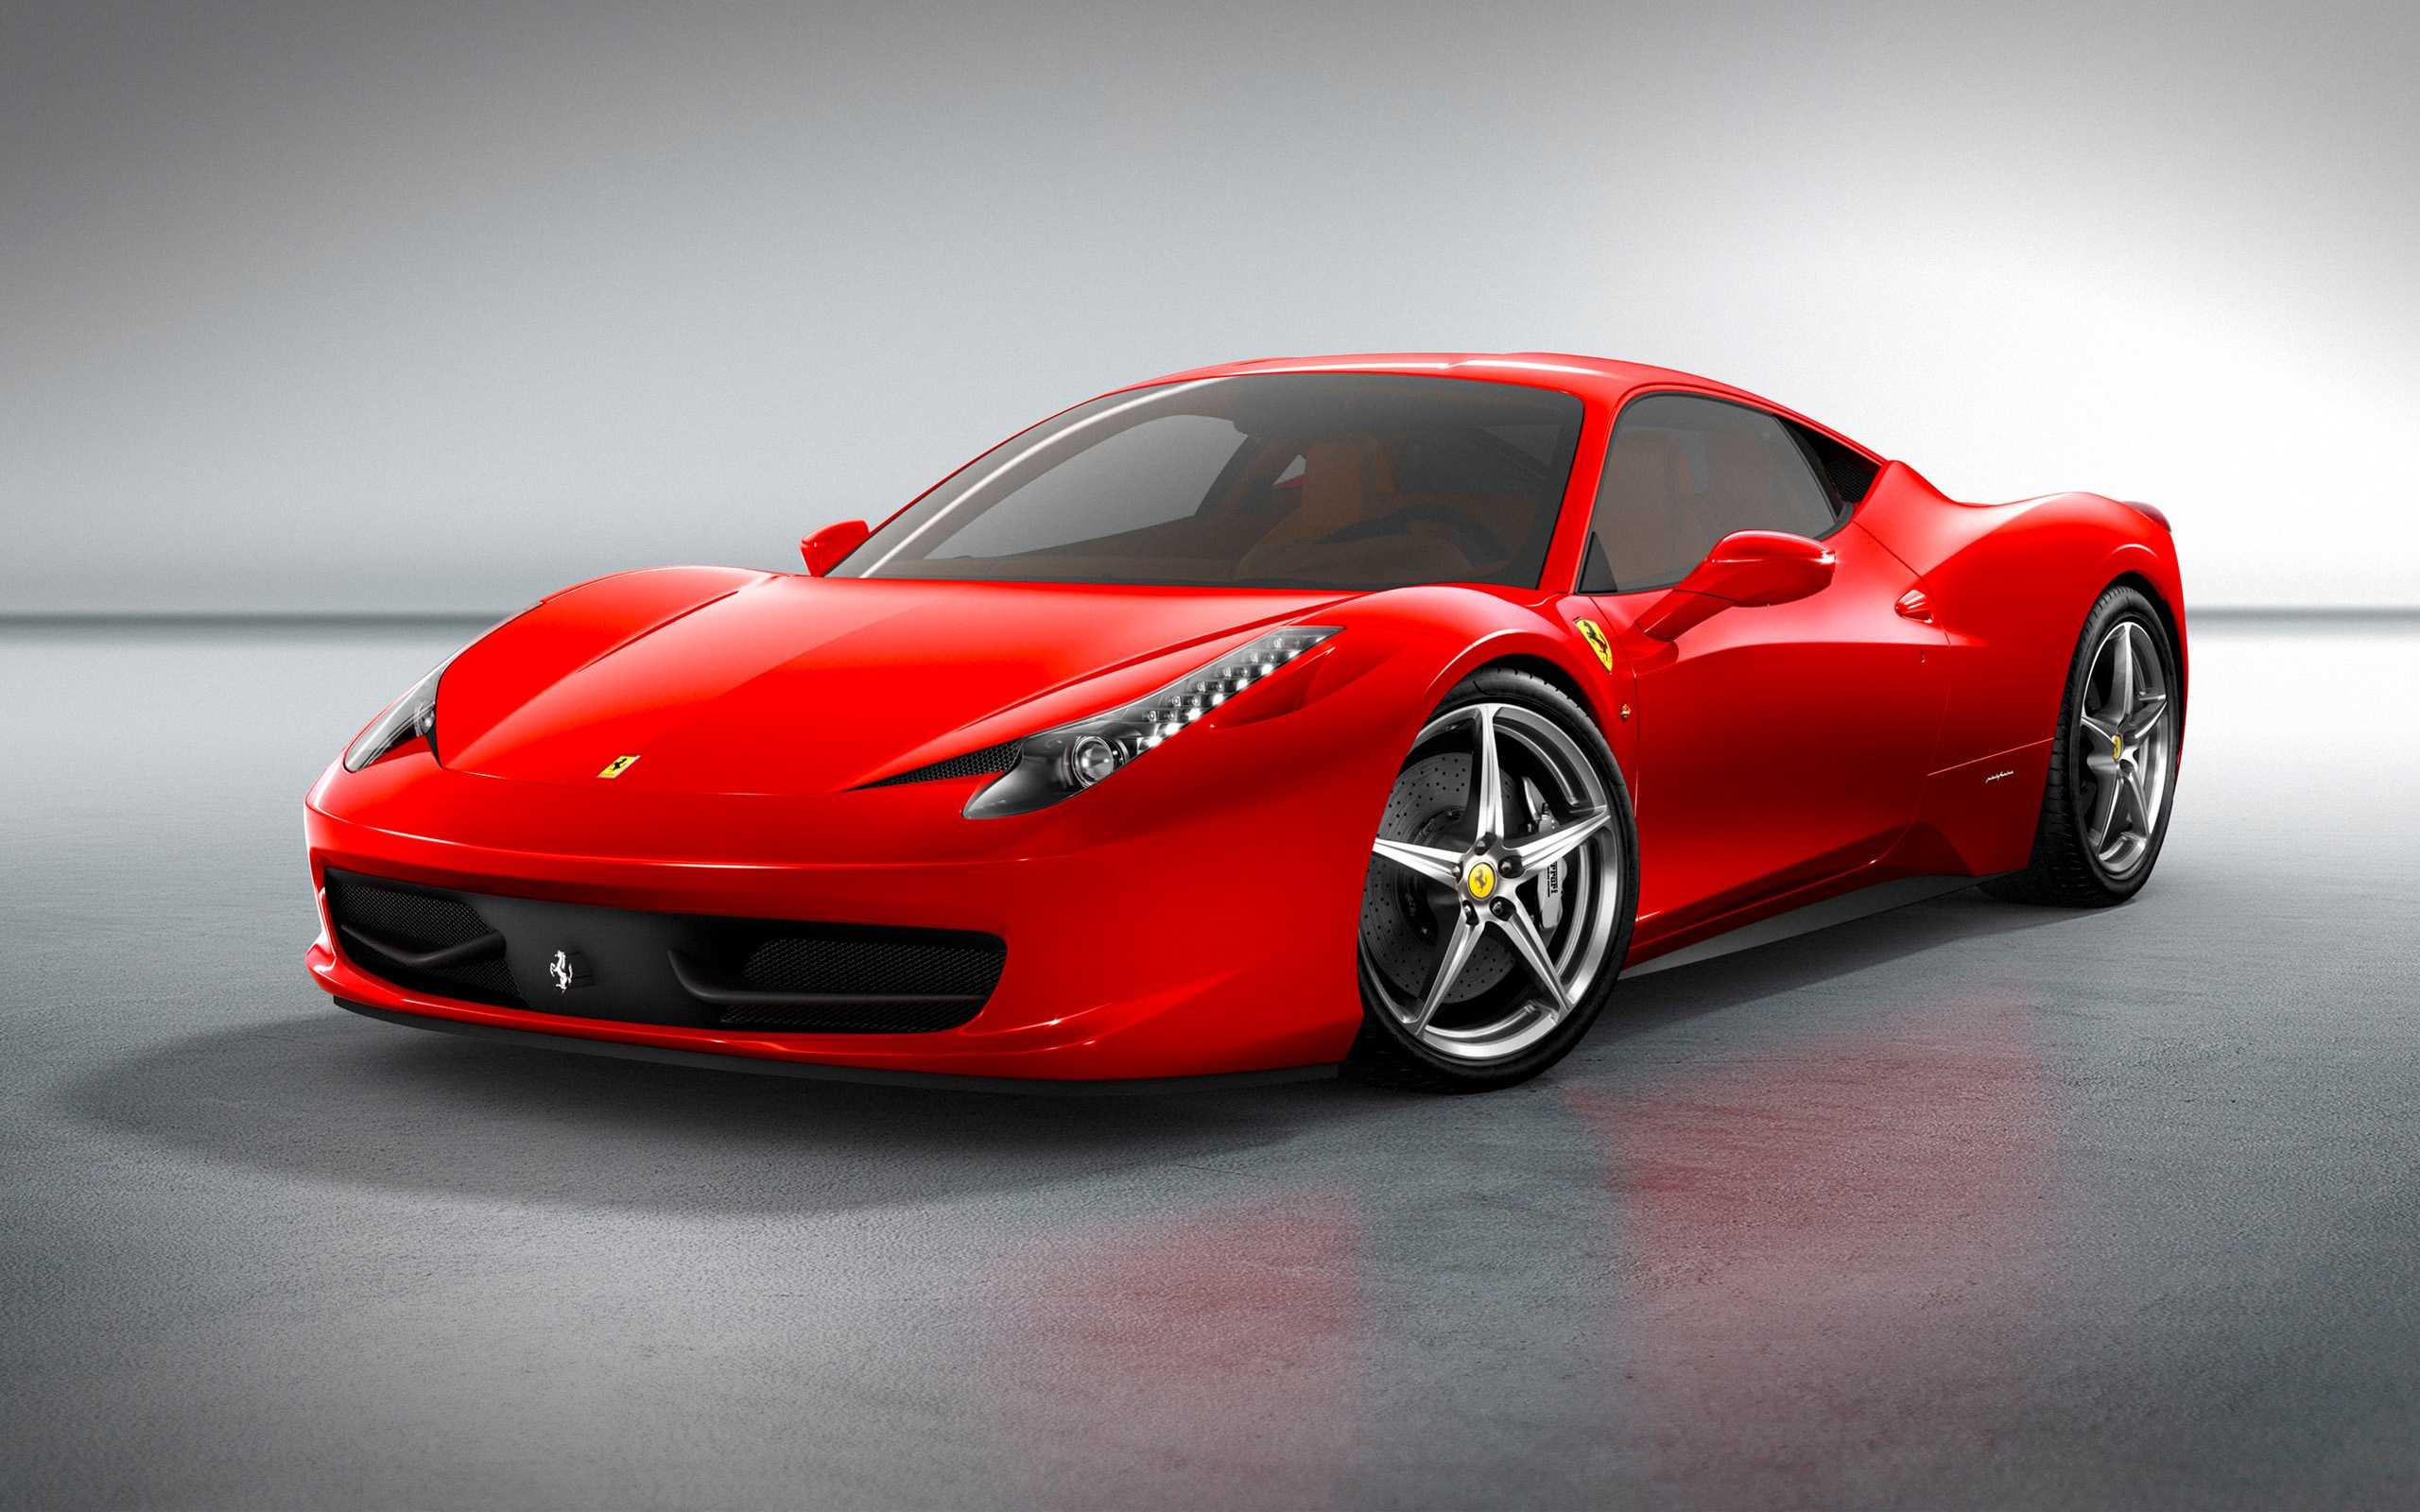 Wallpapers Hd 1080p Ferrari Wallpaper Cave